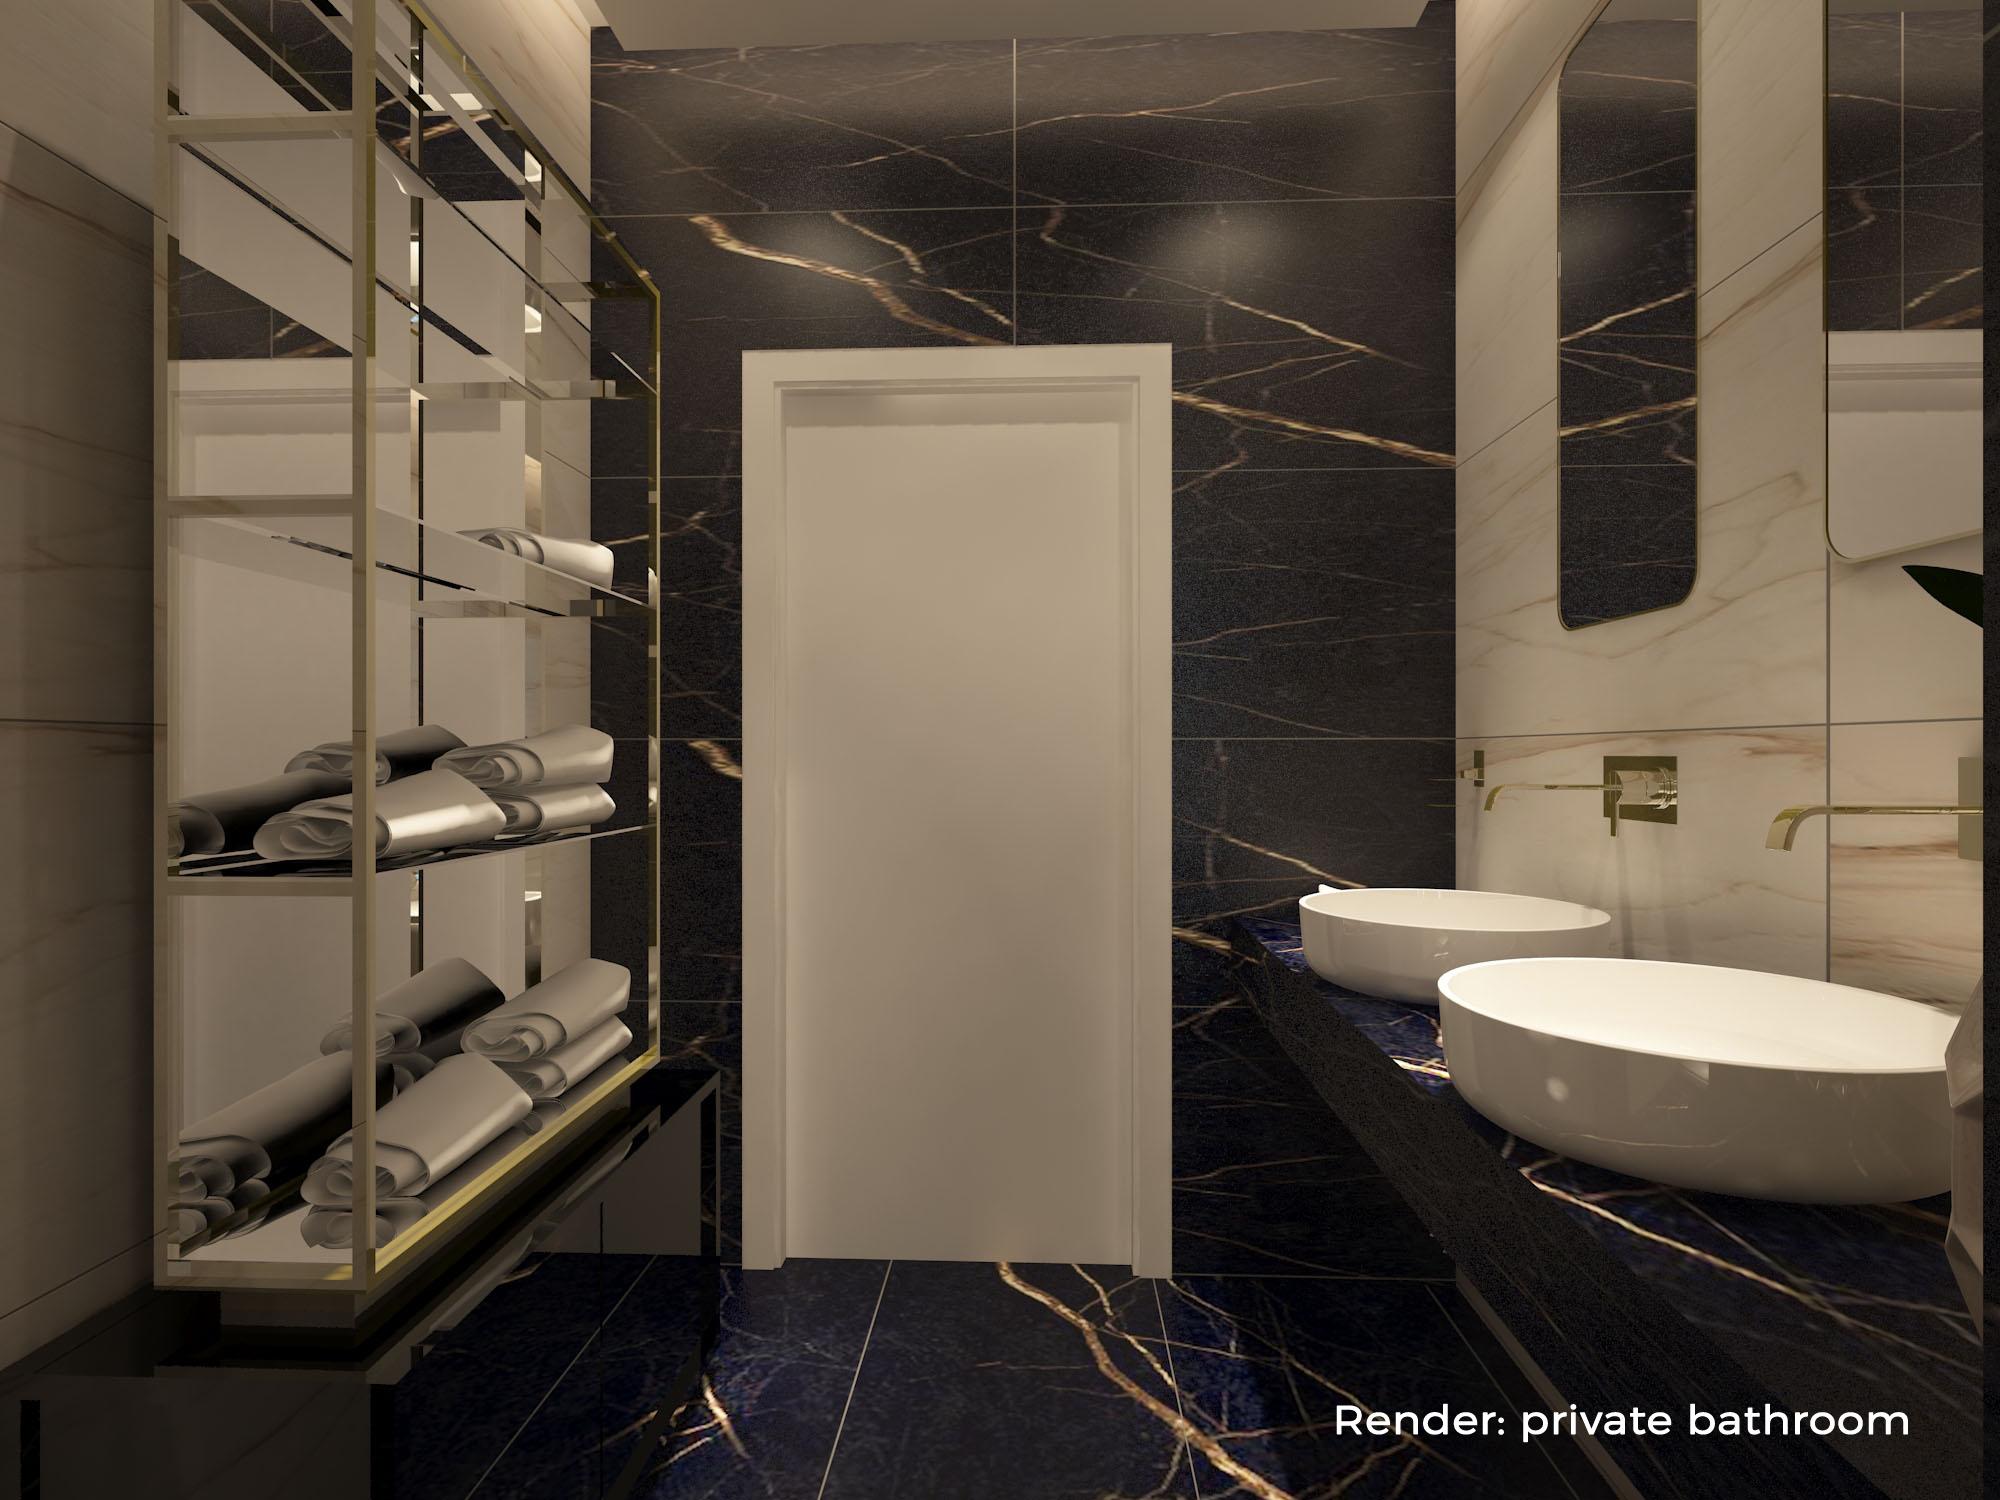 Render: private bathroom